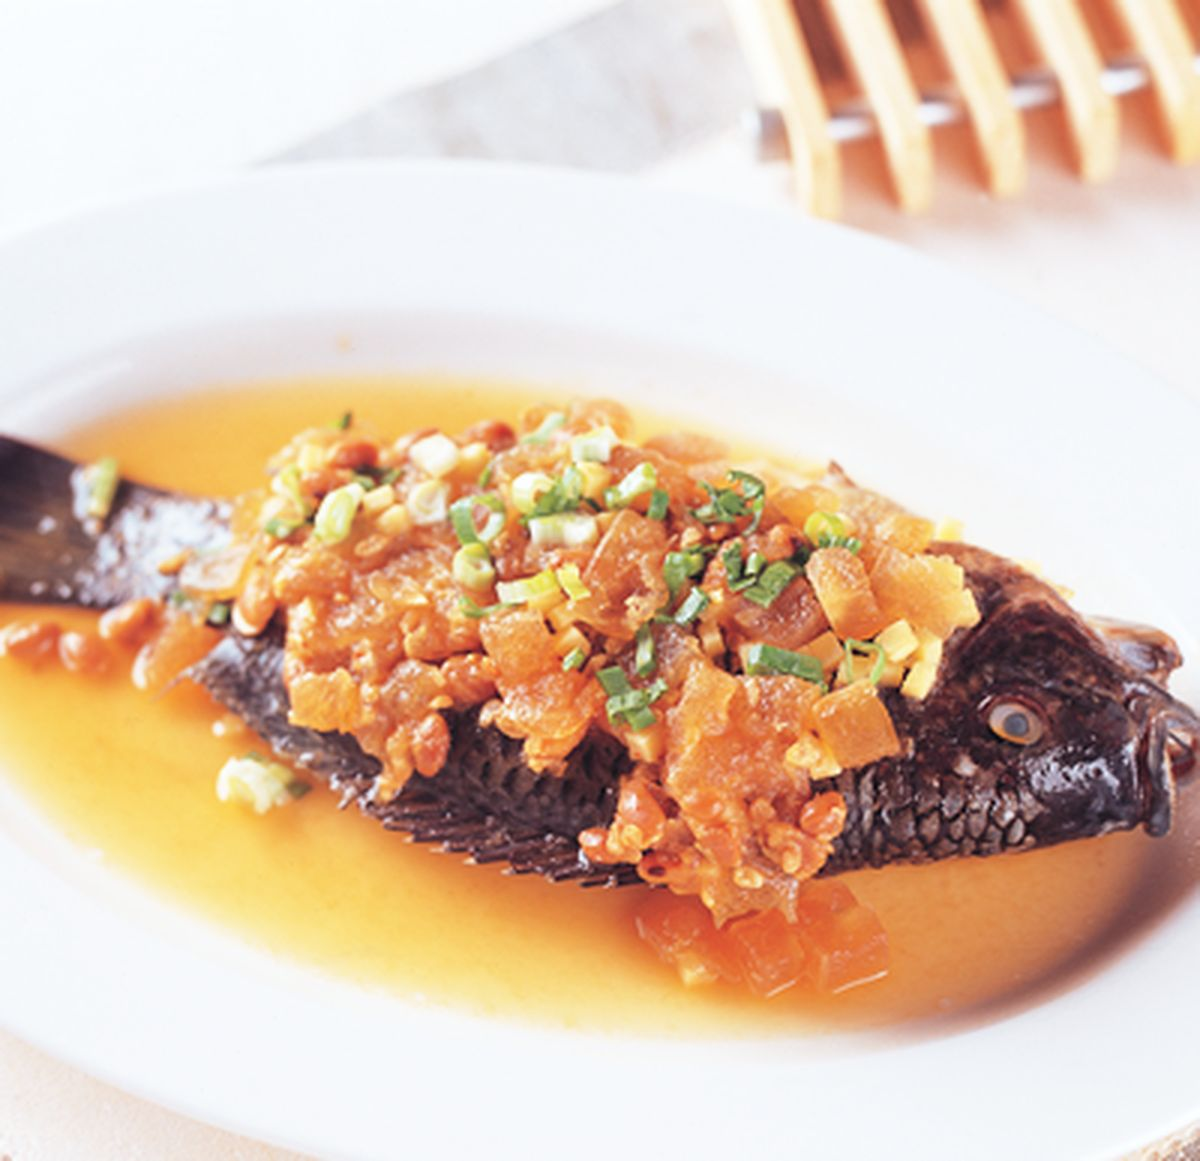 食譜:鹹冬瓜豆醬蒸魚